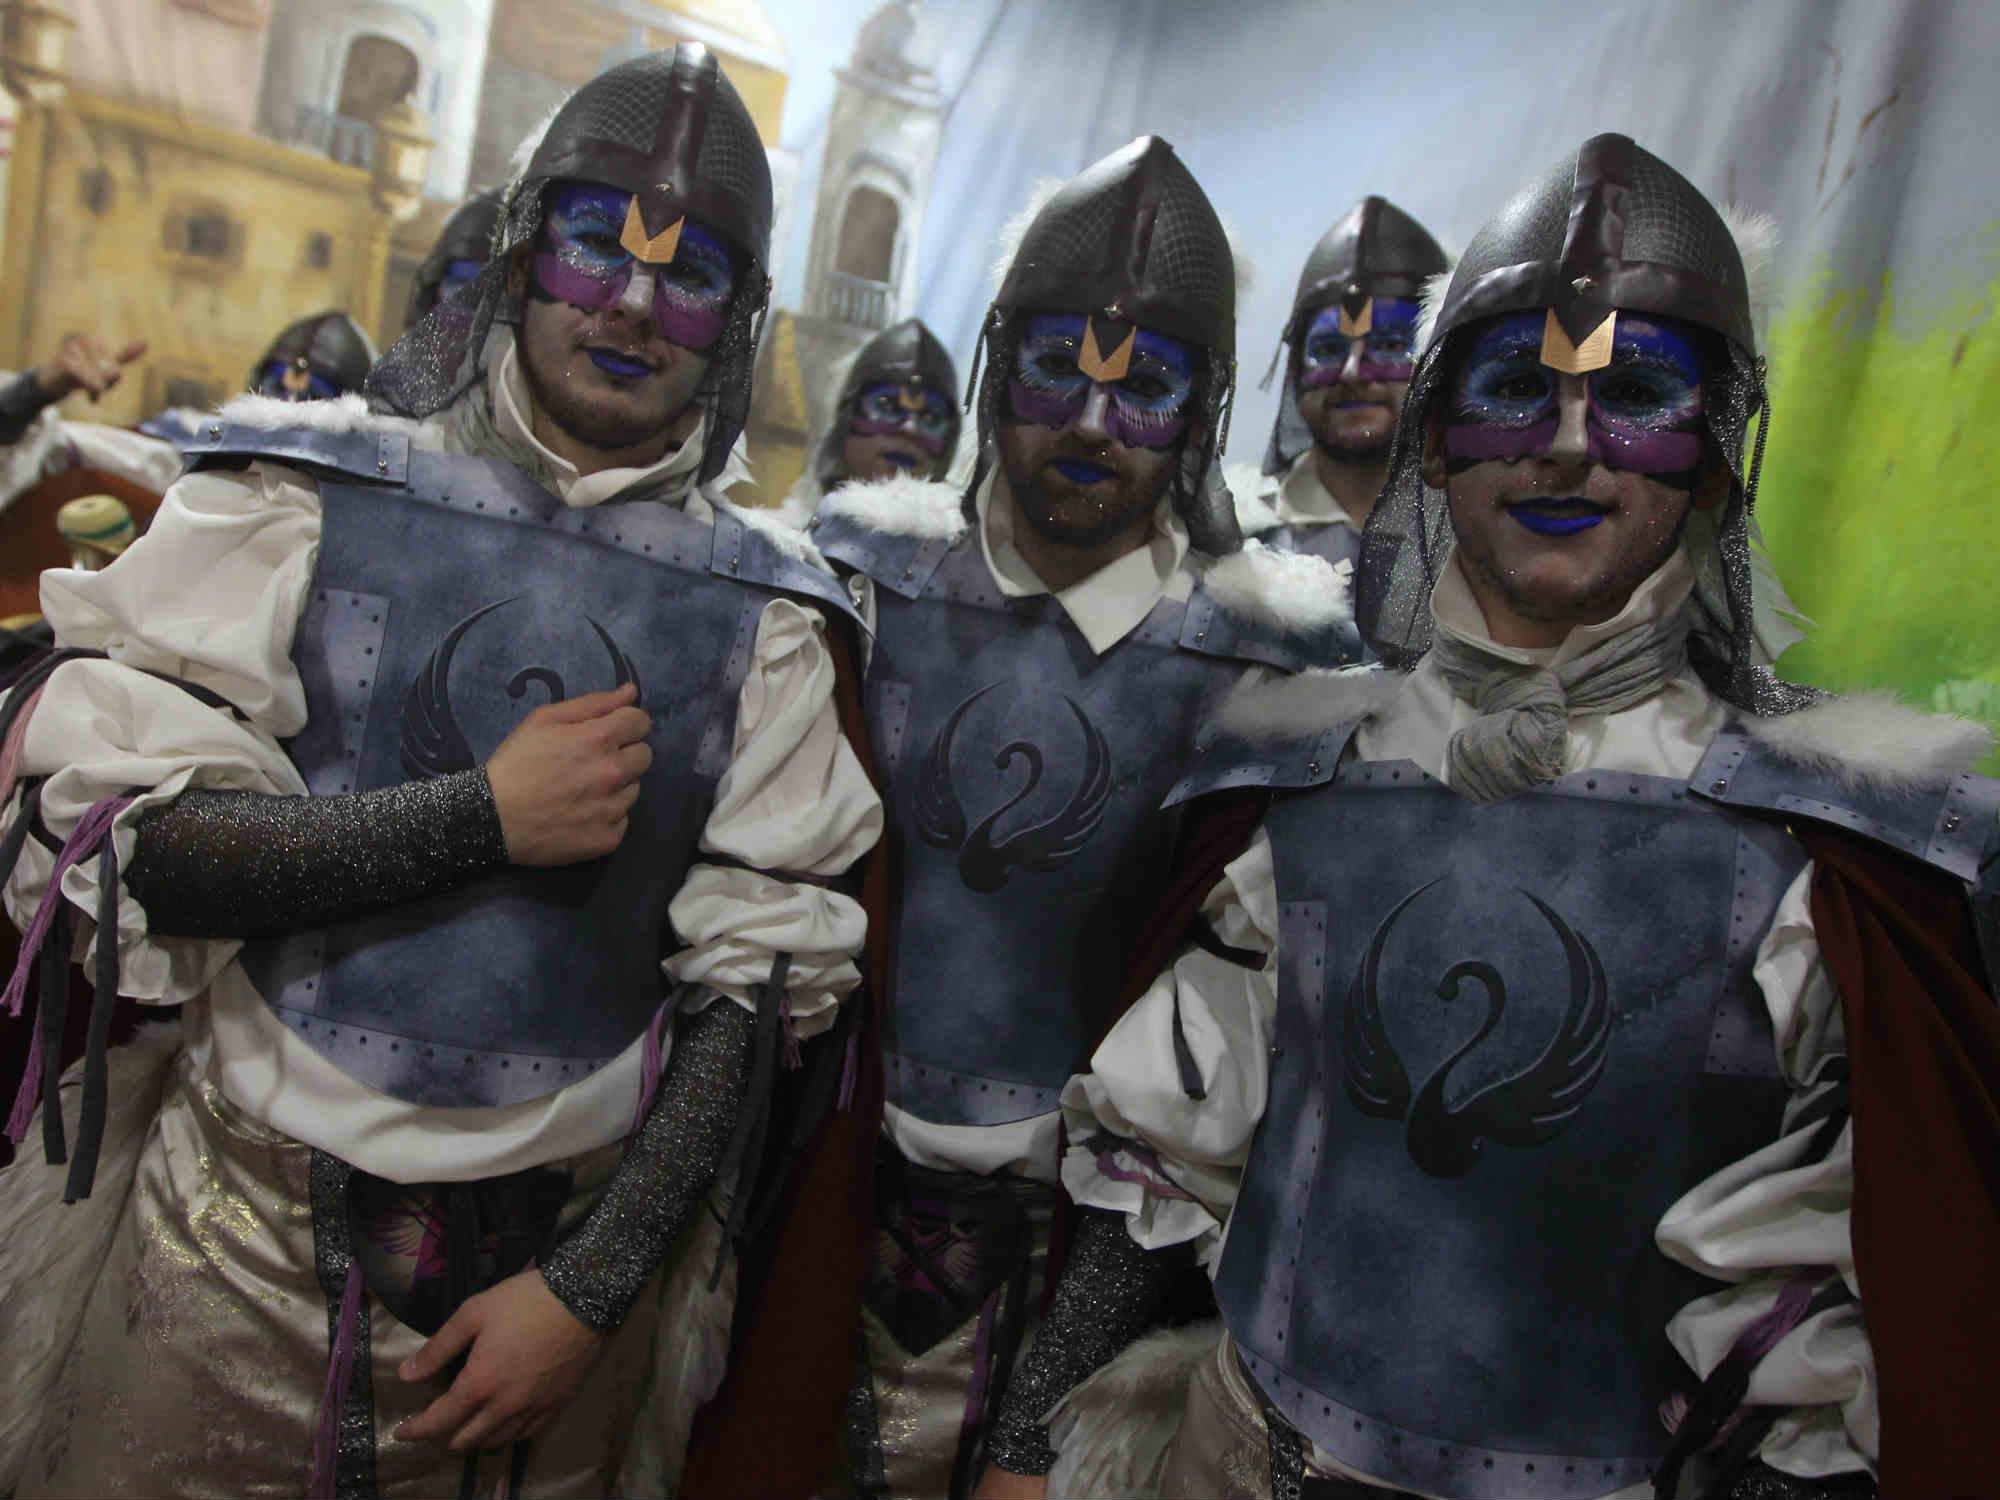 Un nuevo pueblo se asoma al Carnaval de Cádiz